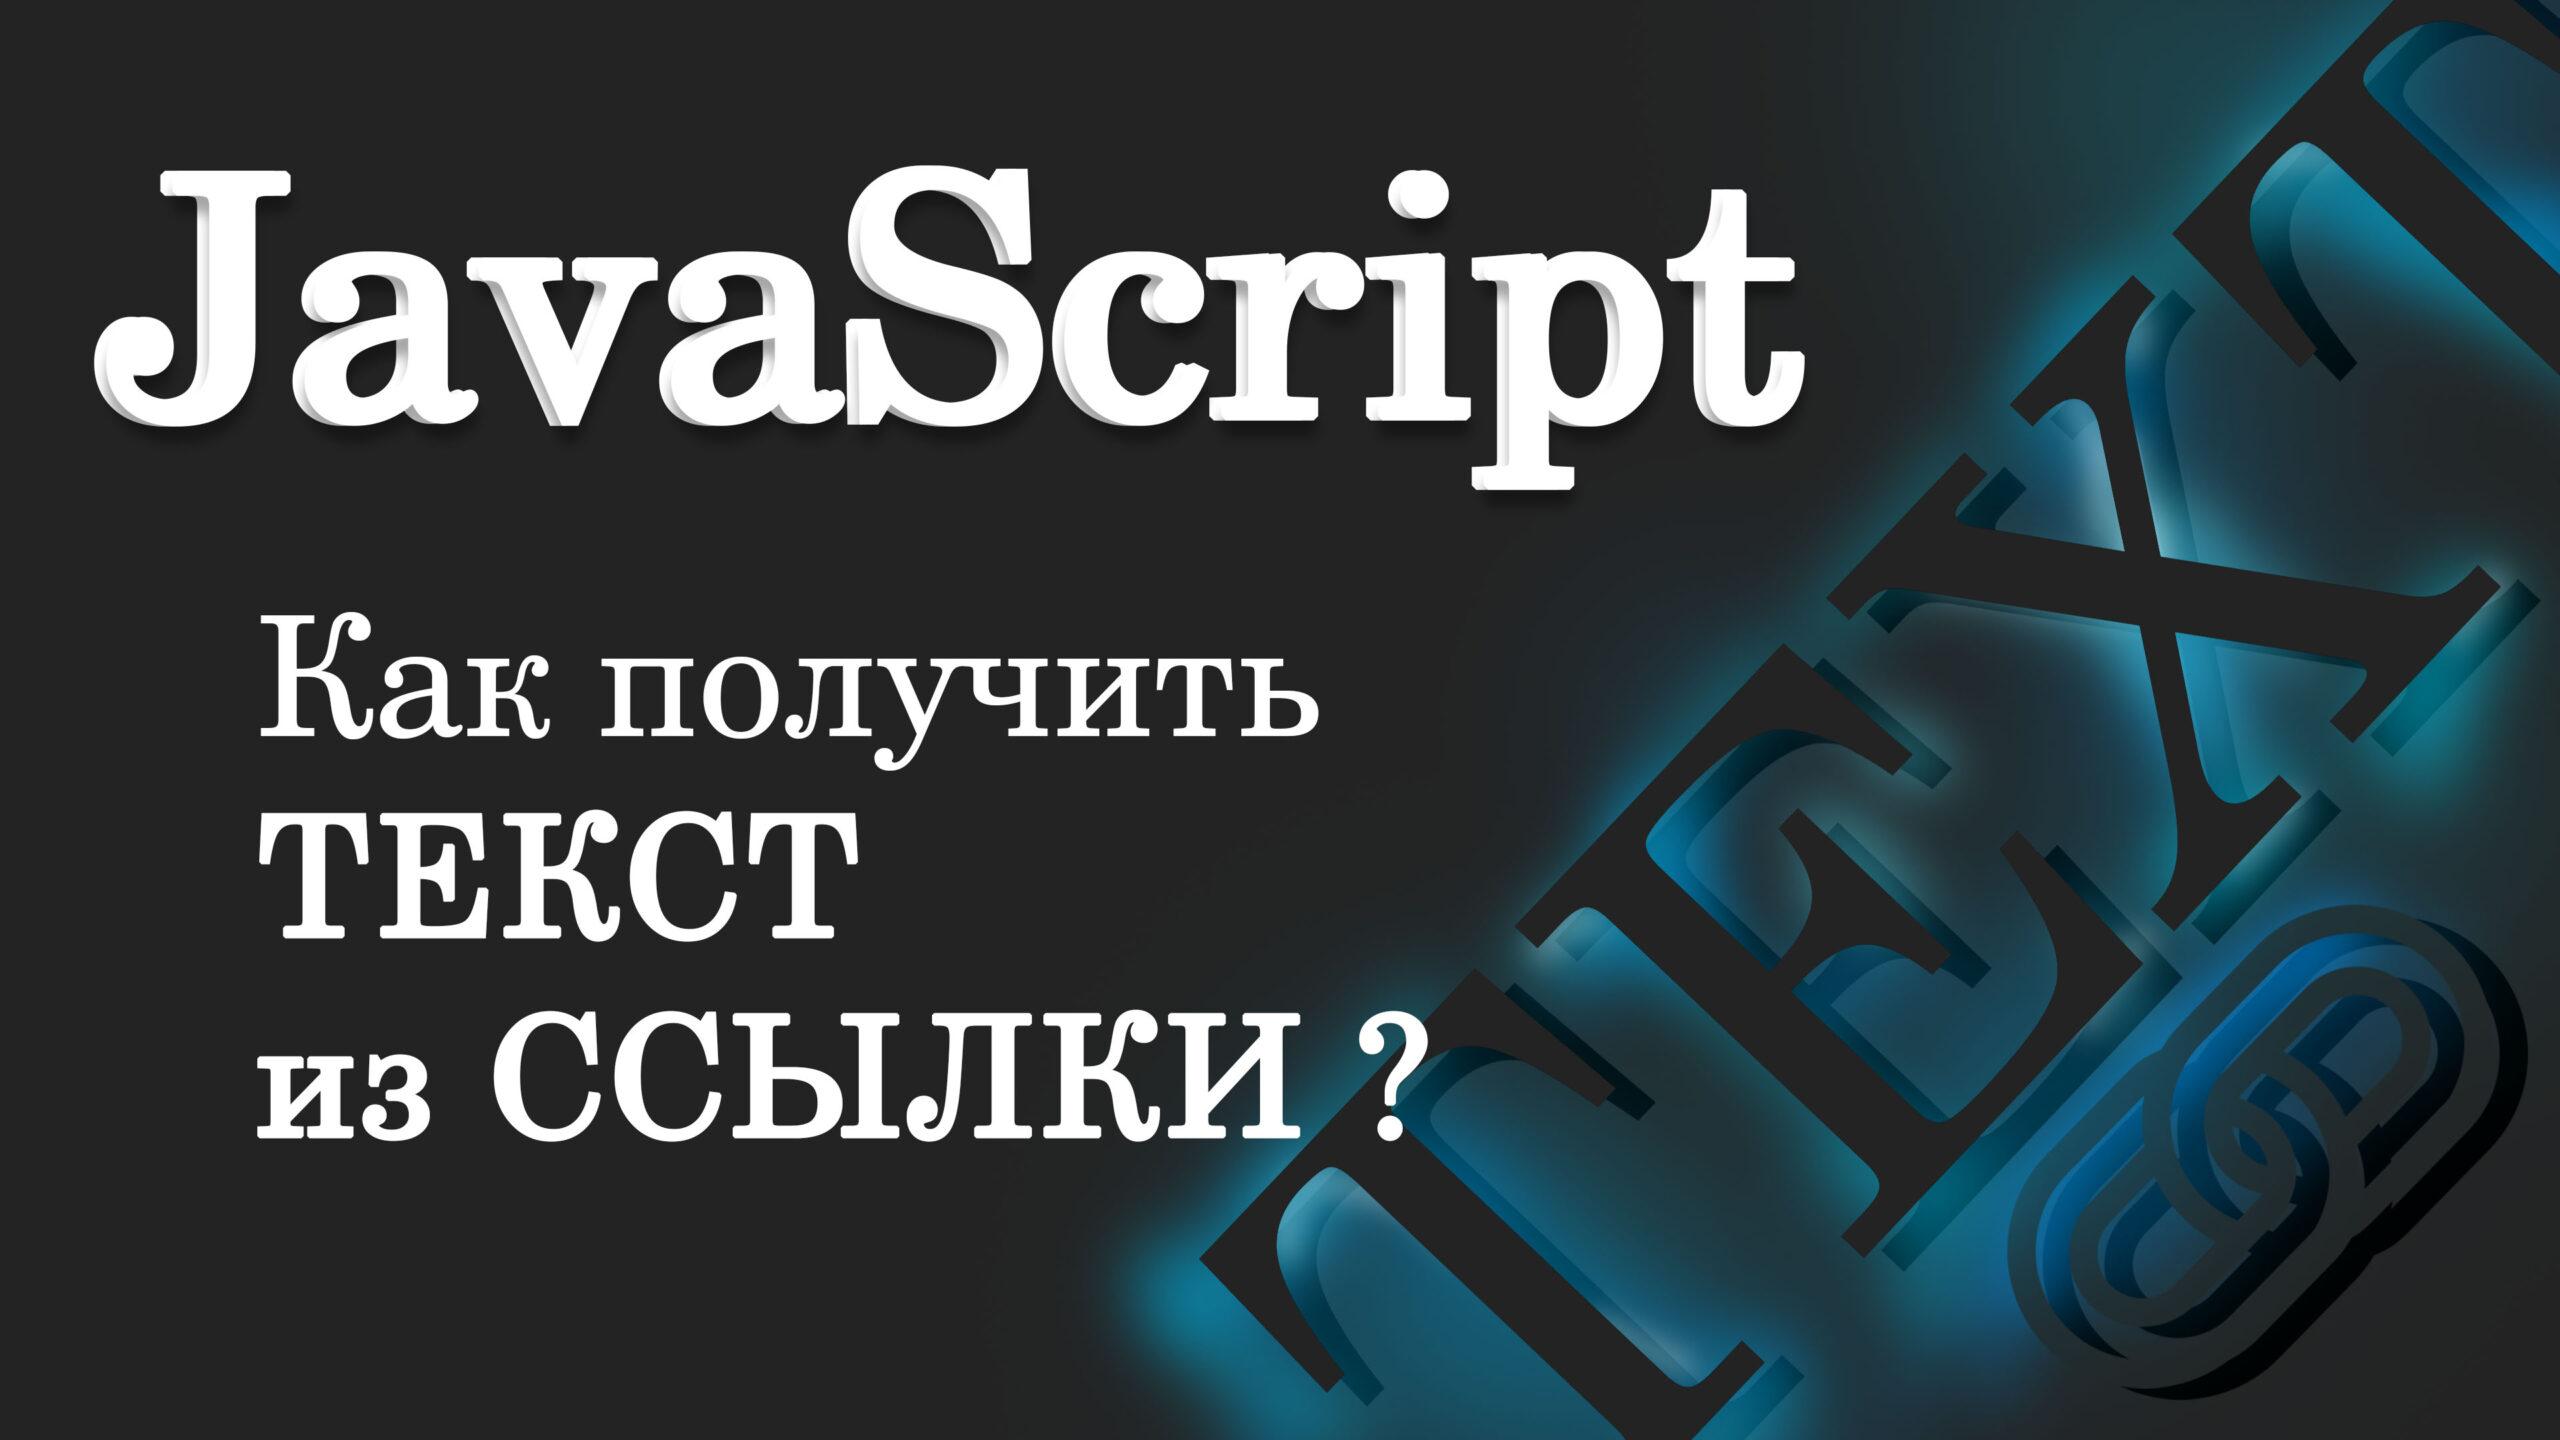 Как получить текст из ссылки - JavaScript